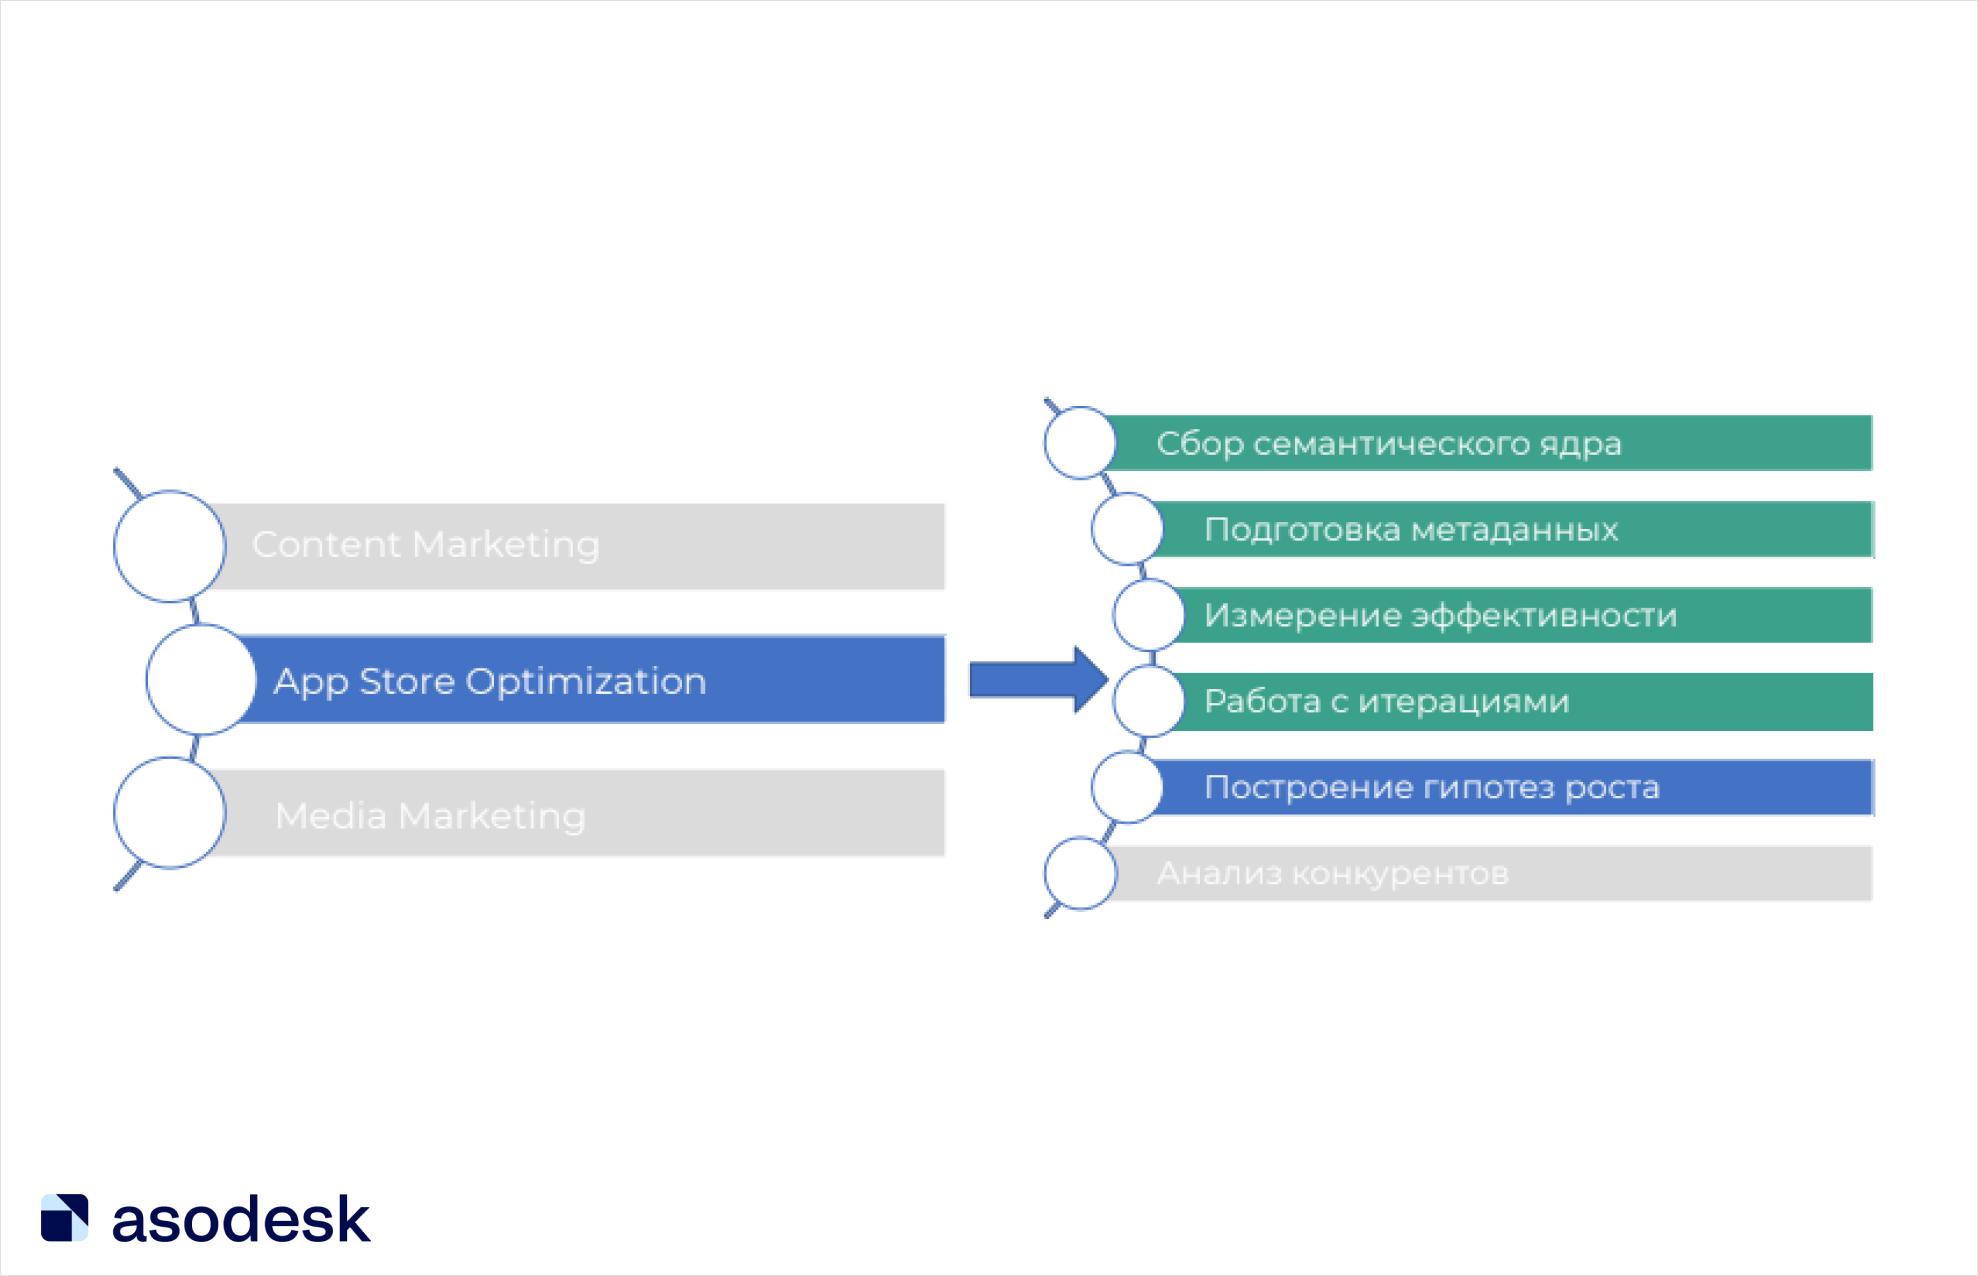 Поисковая оптимизация приложений делится на 6 этапов